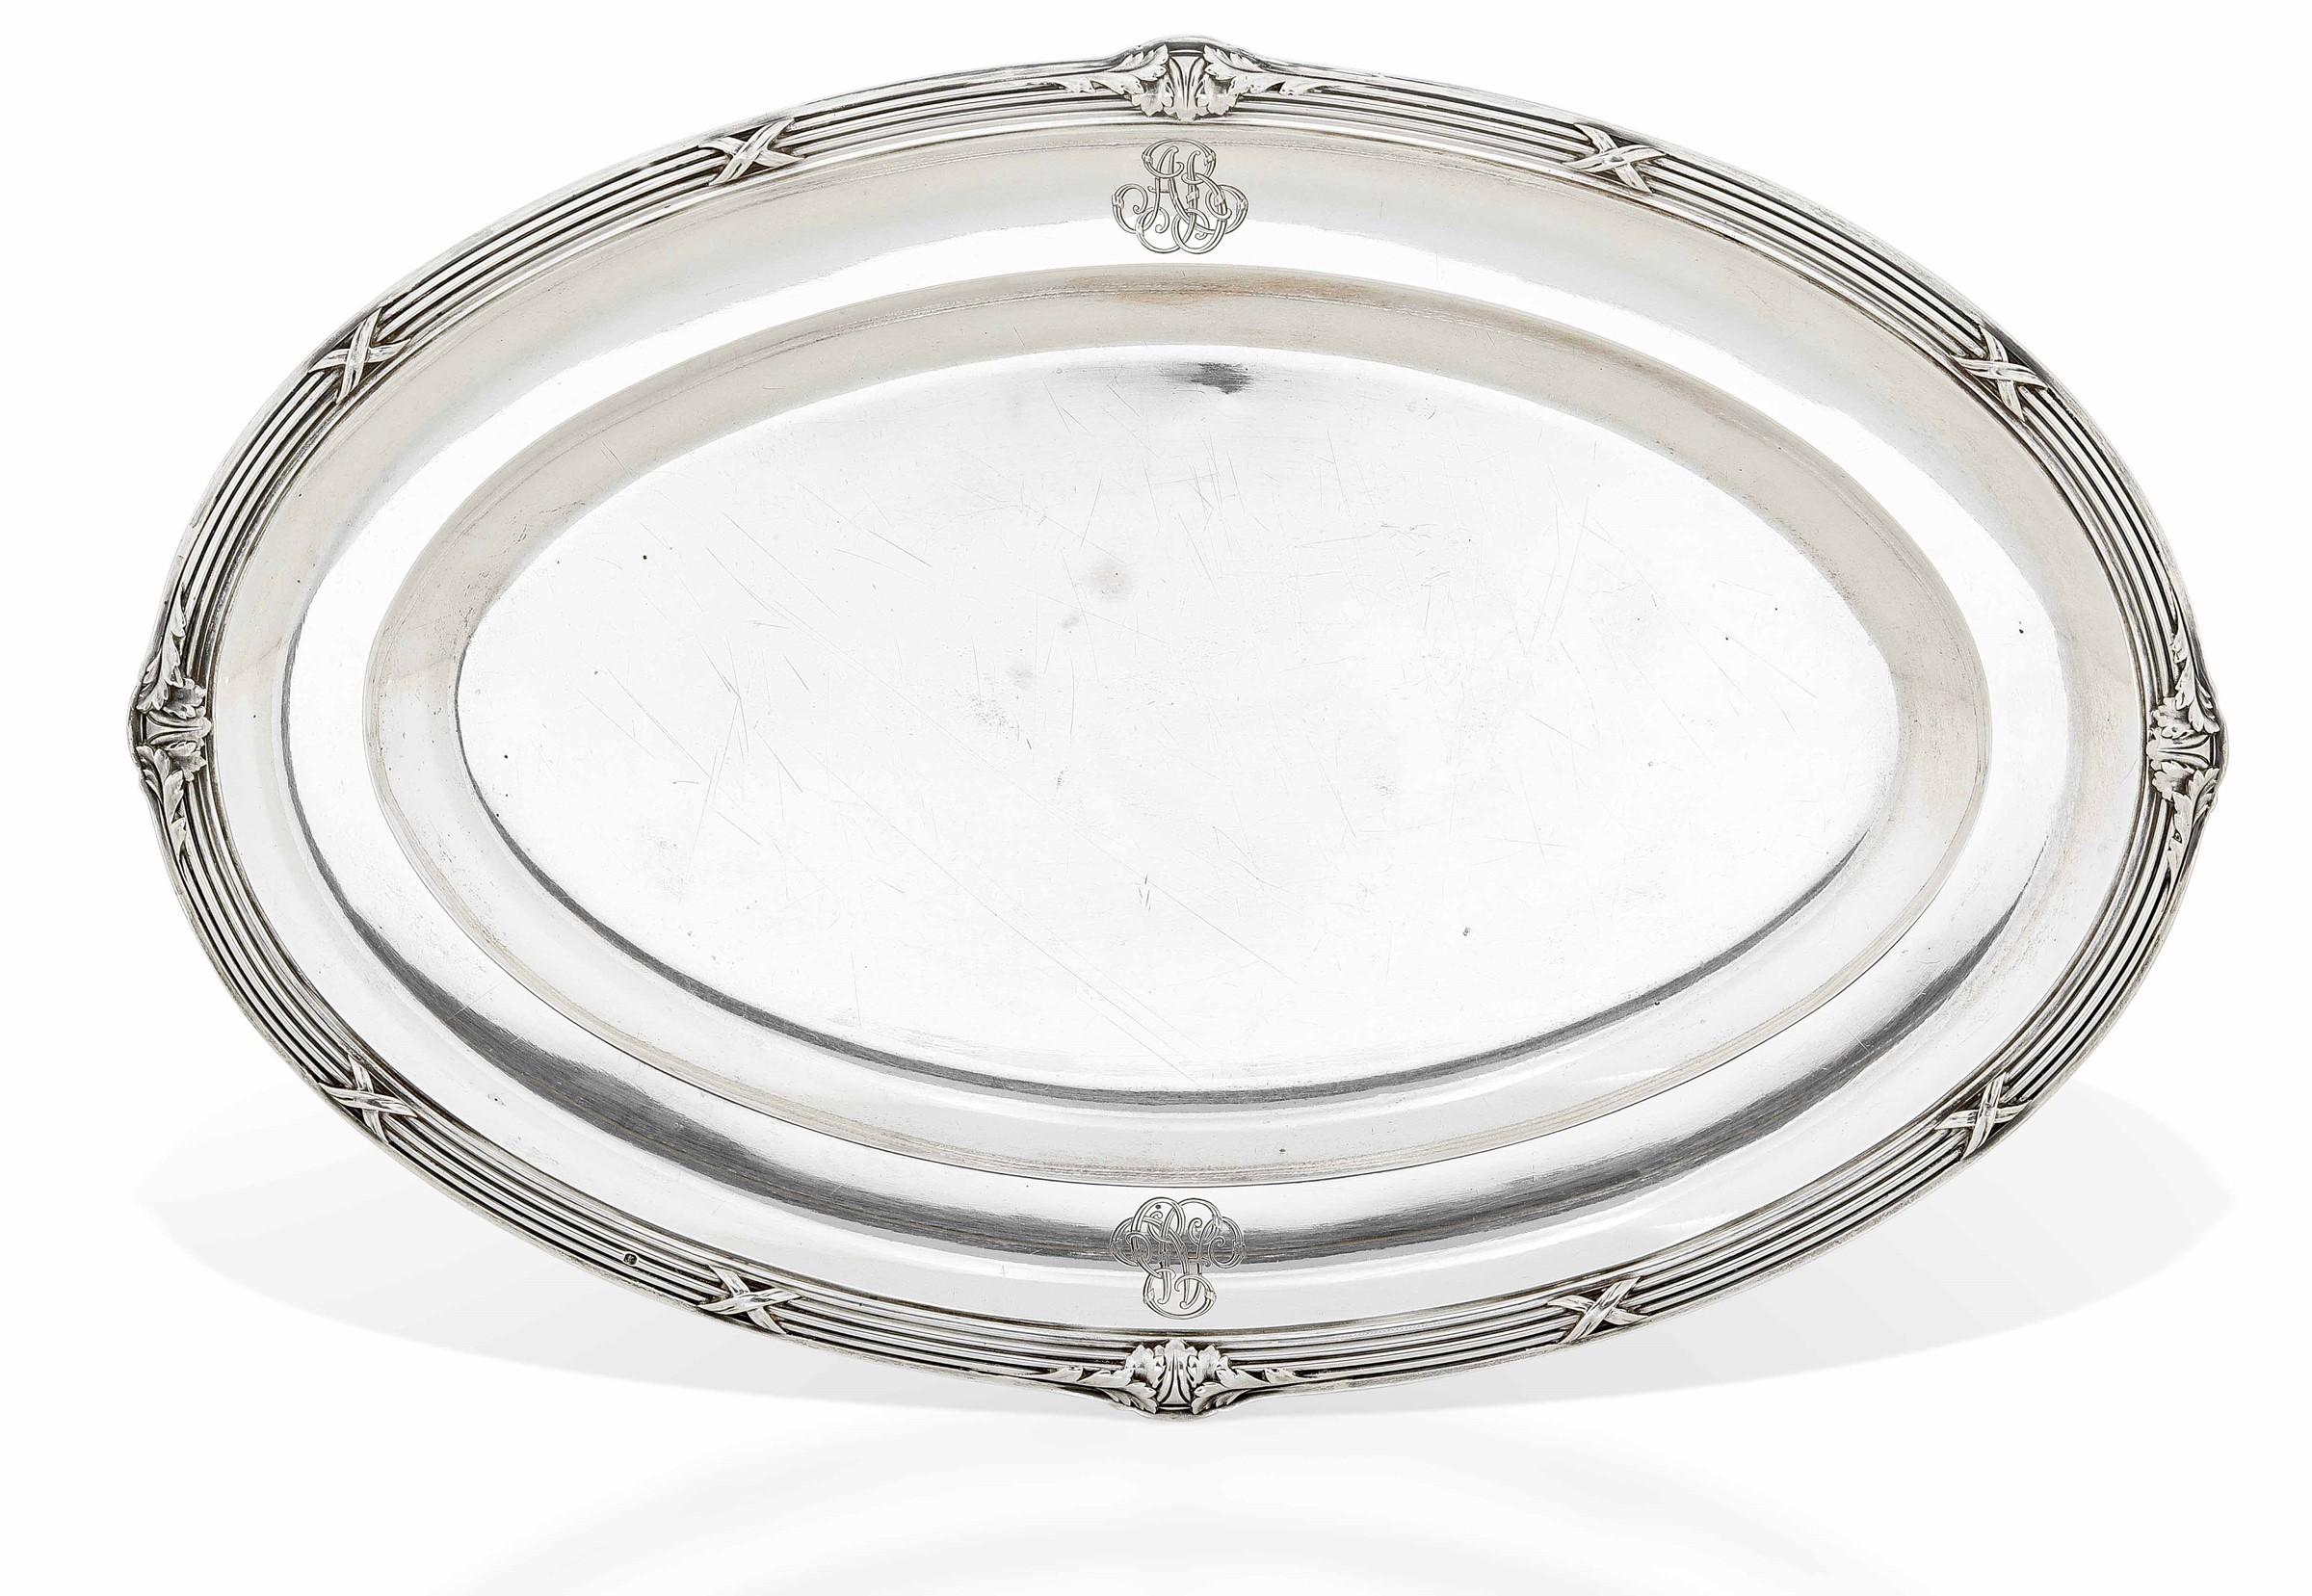 Vassoio in argento primo titolo fuso e cesellato. Francia XIX-XX secolo, - gr. 1340, [...]